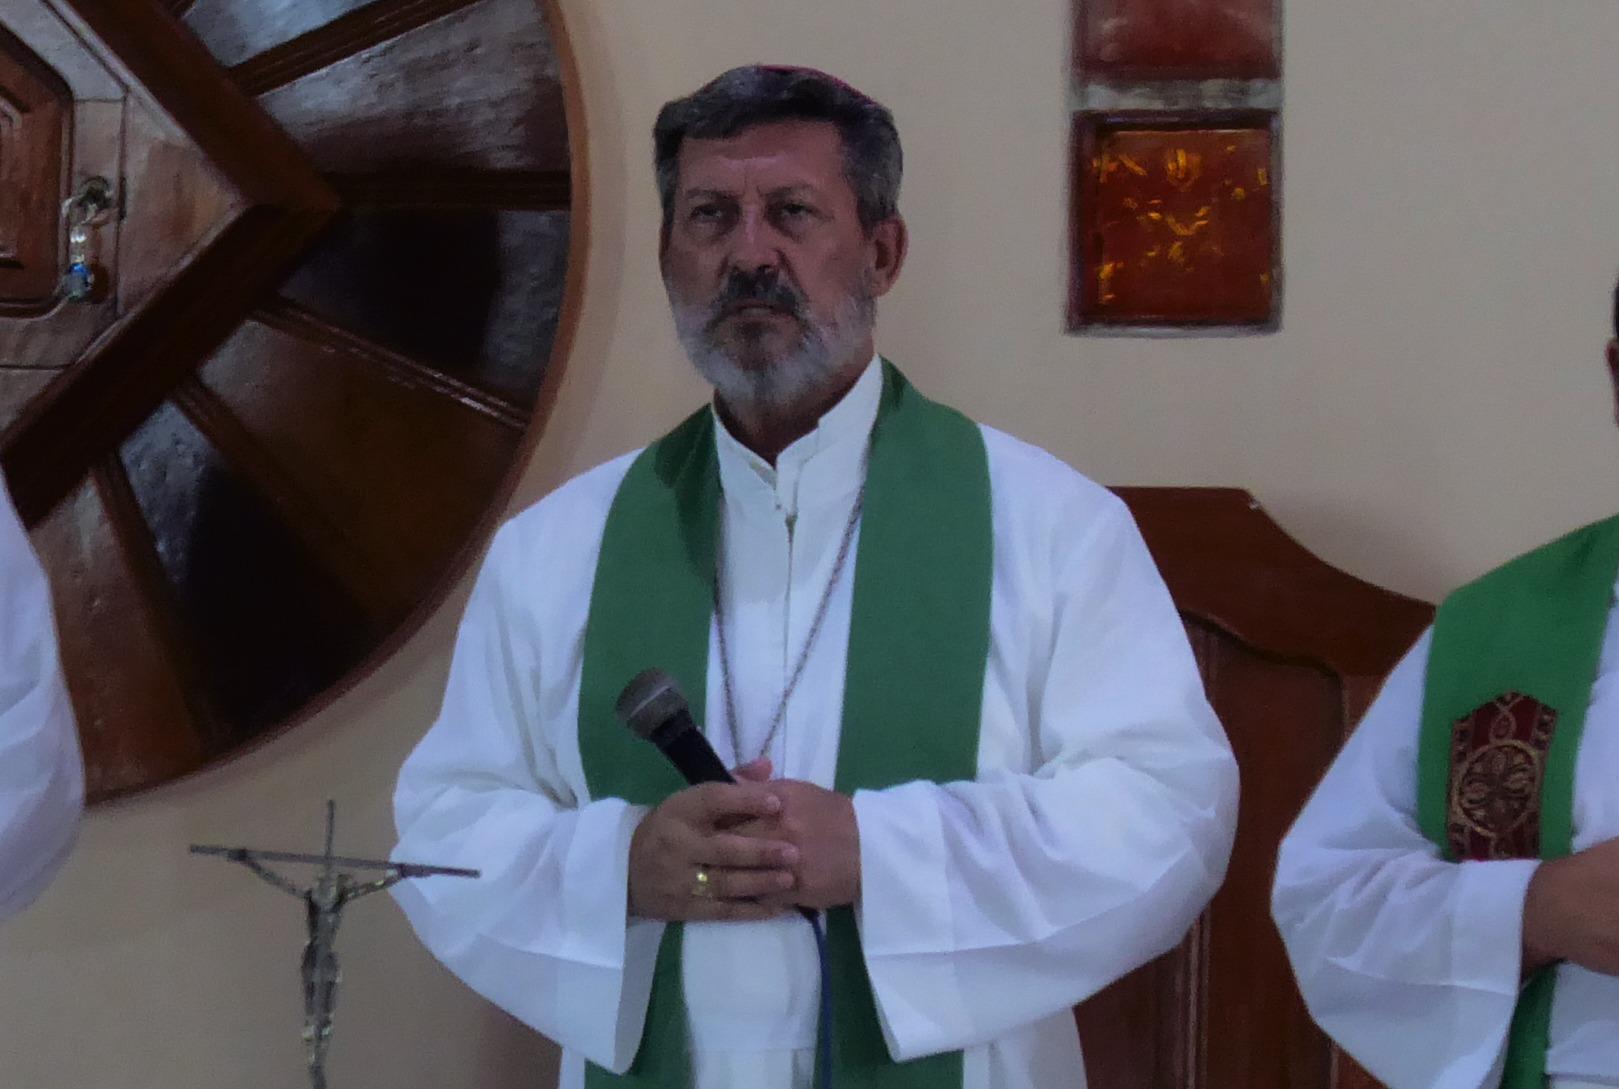 Monseñor José Javier Travieso